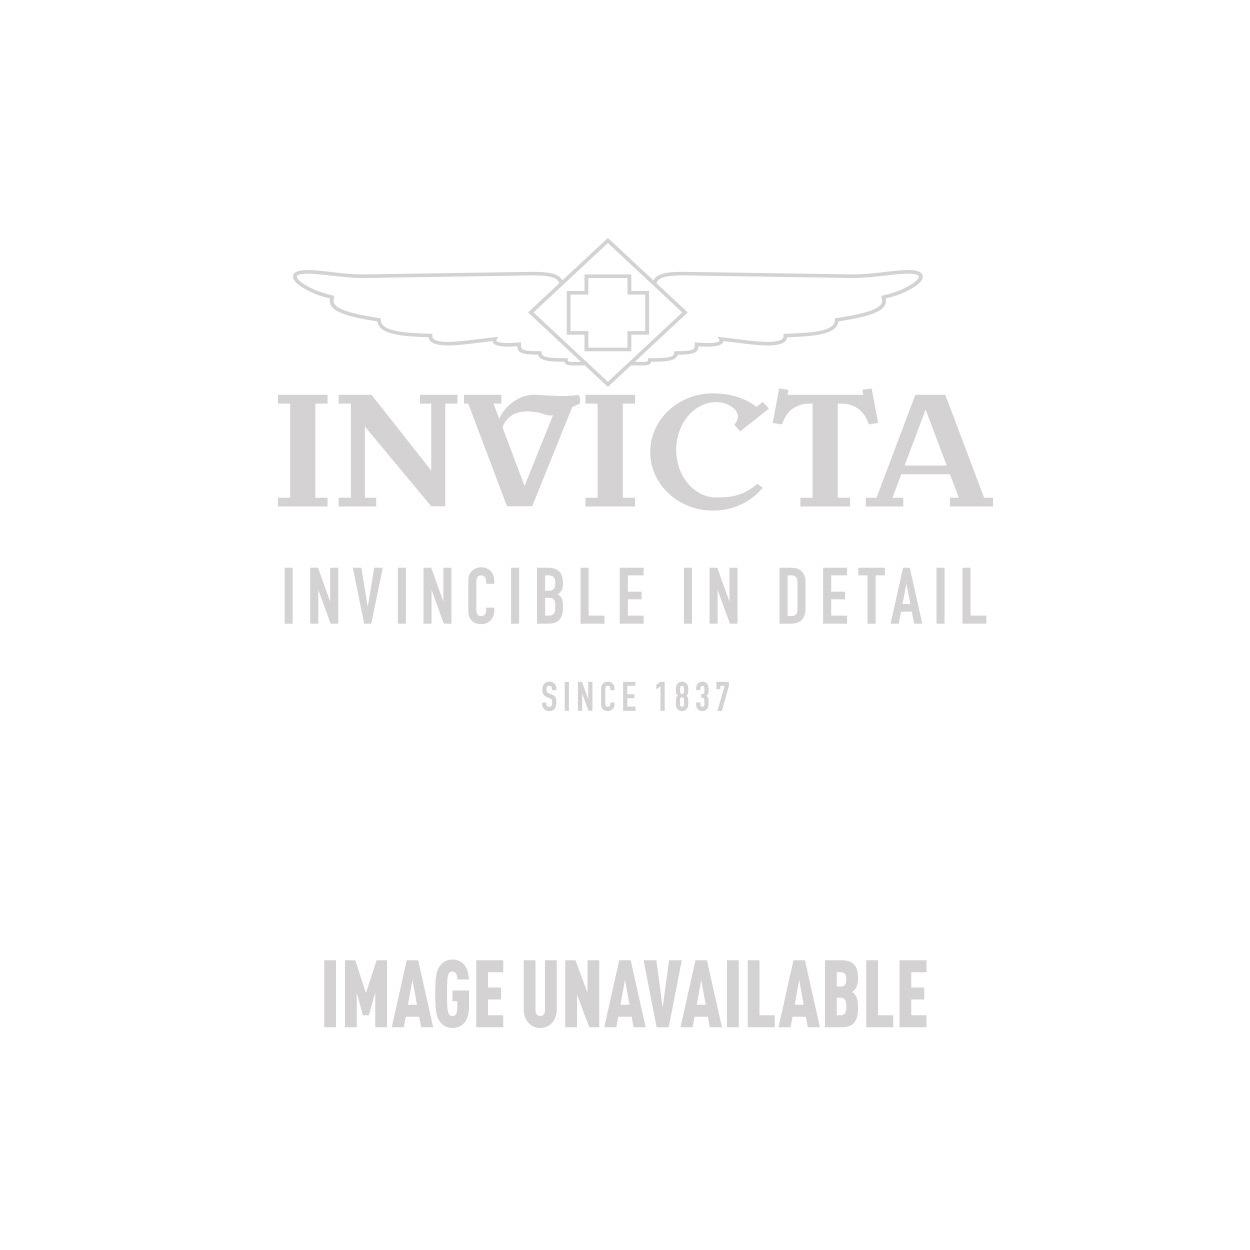 Invicta Model 27568